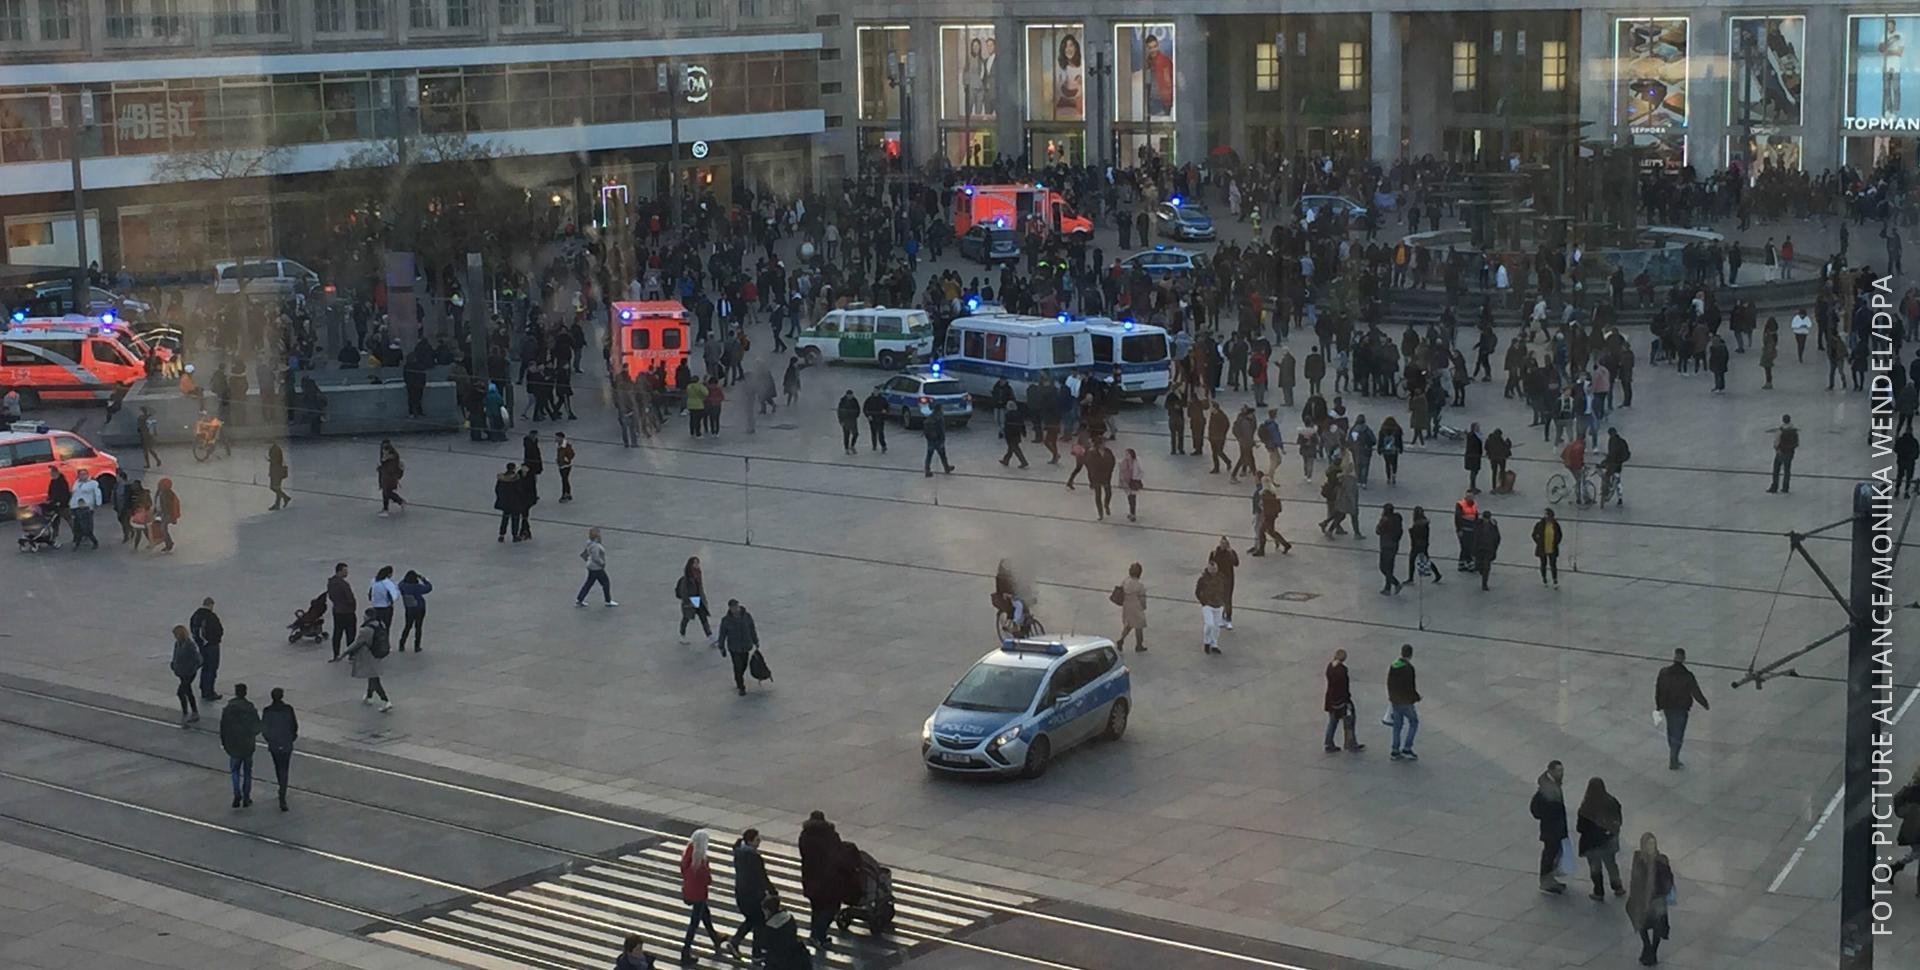 Leute prügeln sich auf dem Alexanderplatz in Berlin, die Polizei ist vor Ort